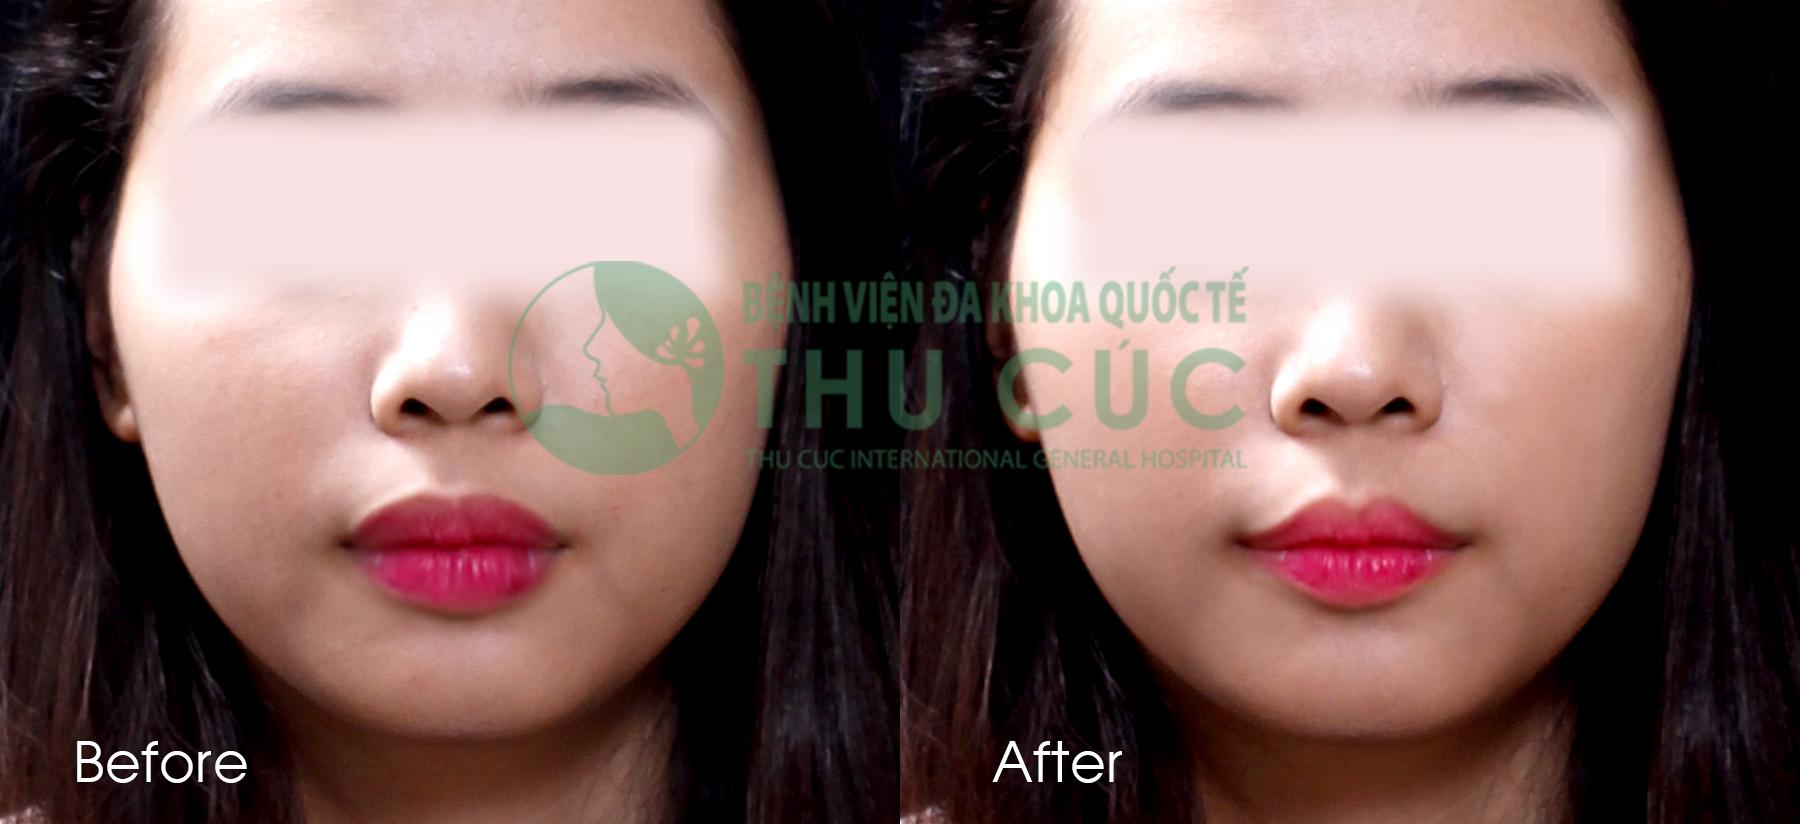 Kết quả khách hàng tạo môi trái tim tại Thu Cúc. Đôi môi đẹp tự nhiên, không lộ sẹo, không biến chứng, hài hòa với khuôn mặt.